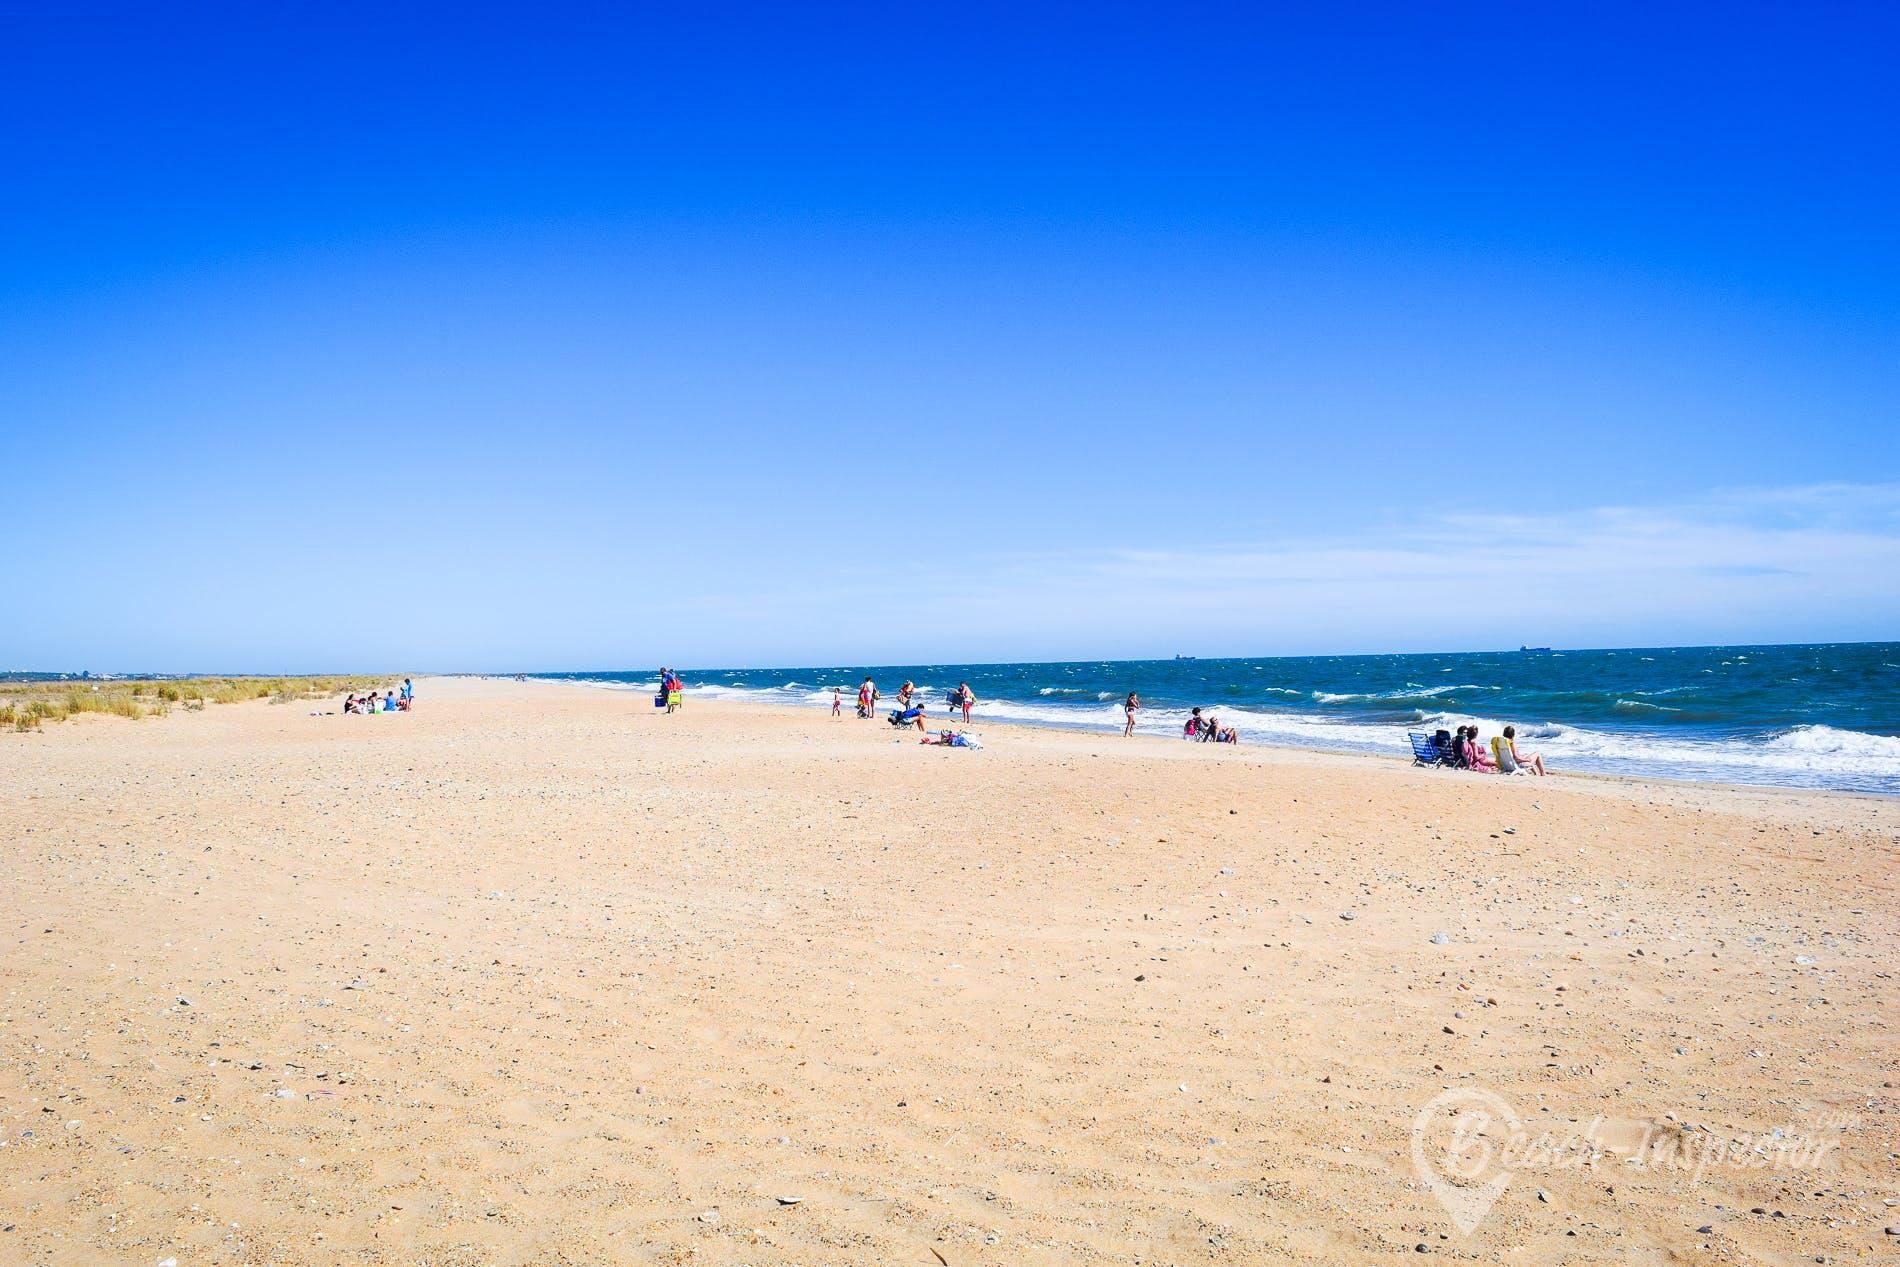 Beach Playa El Espigón, Costa de la Luz, Spain